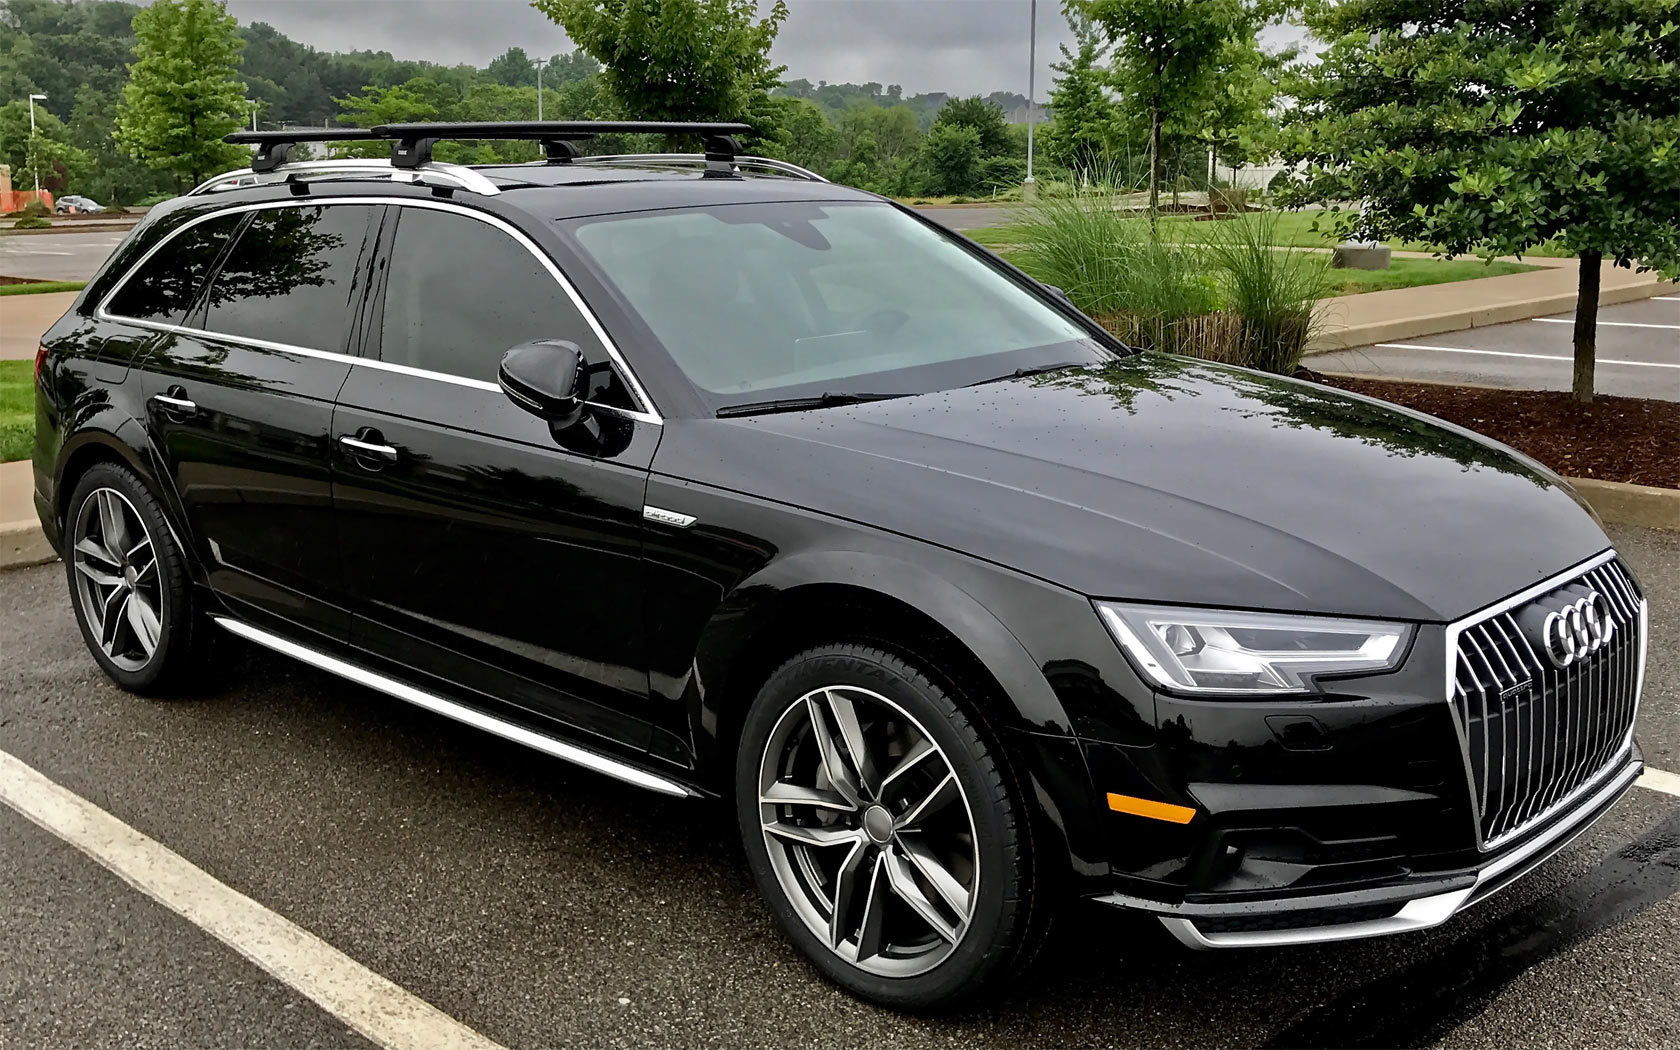 Audi b9 allroad hartmann hrs6 091 mam wheels 19 mz1